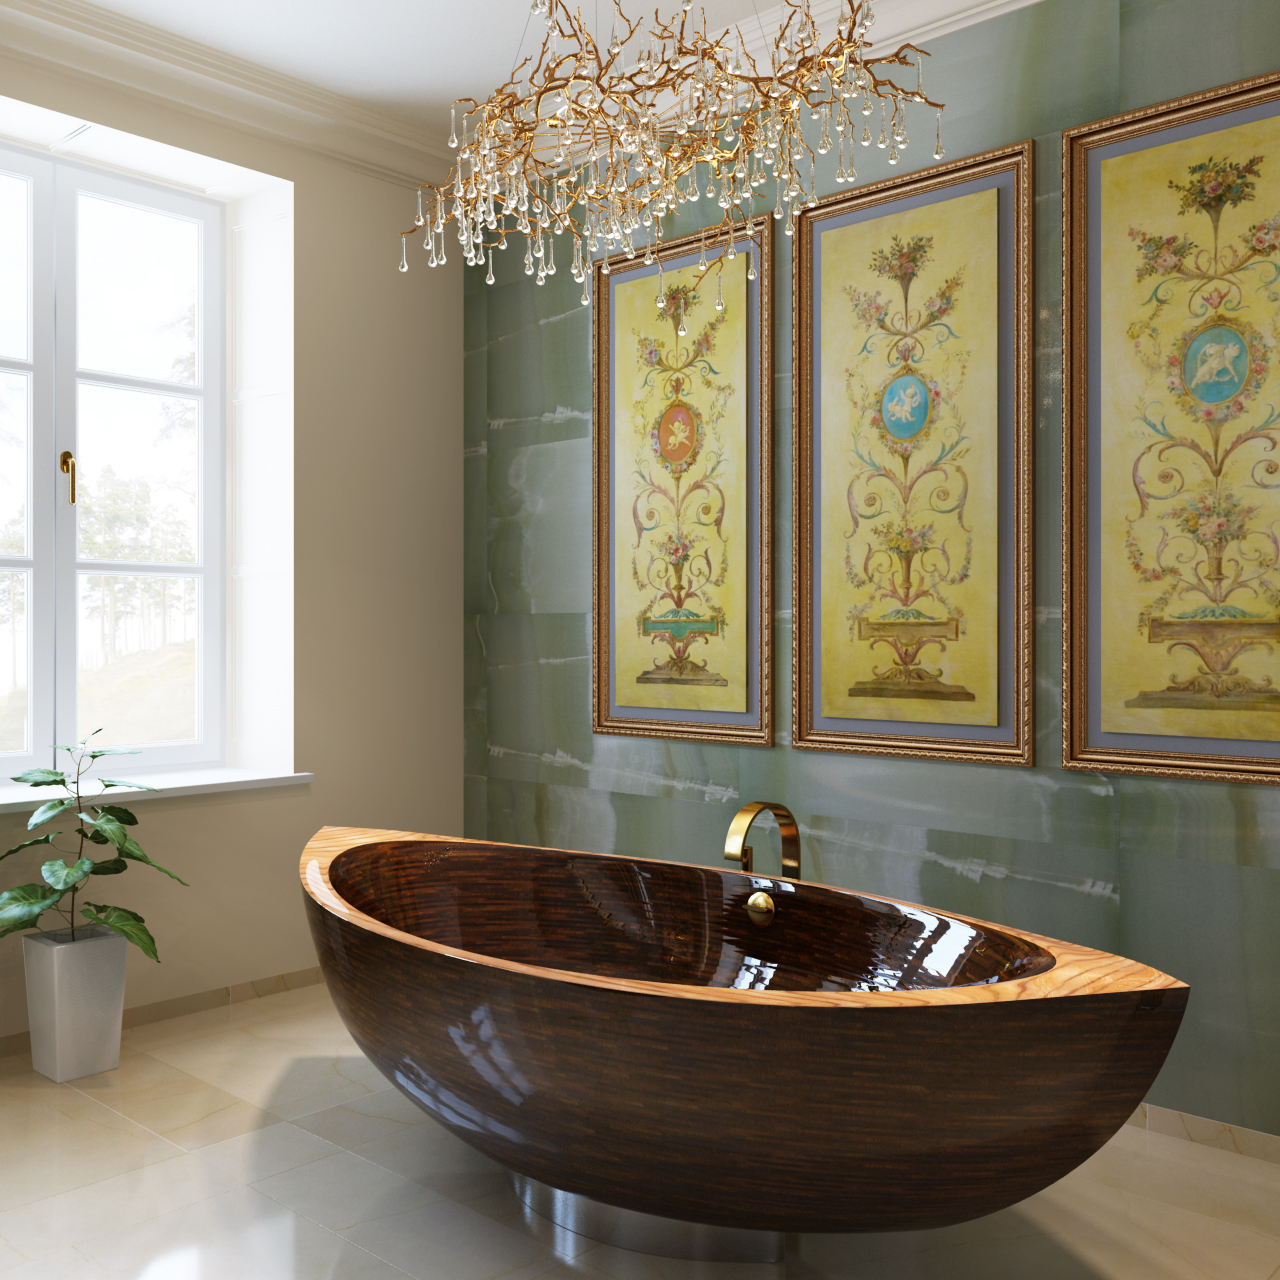 Latest excellent bagno in onice verde bagno in onice verde with bagni particolari moderni with - Specchi particolari per bagno ...